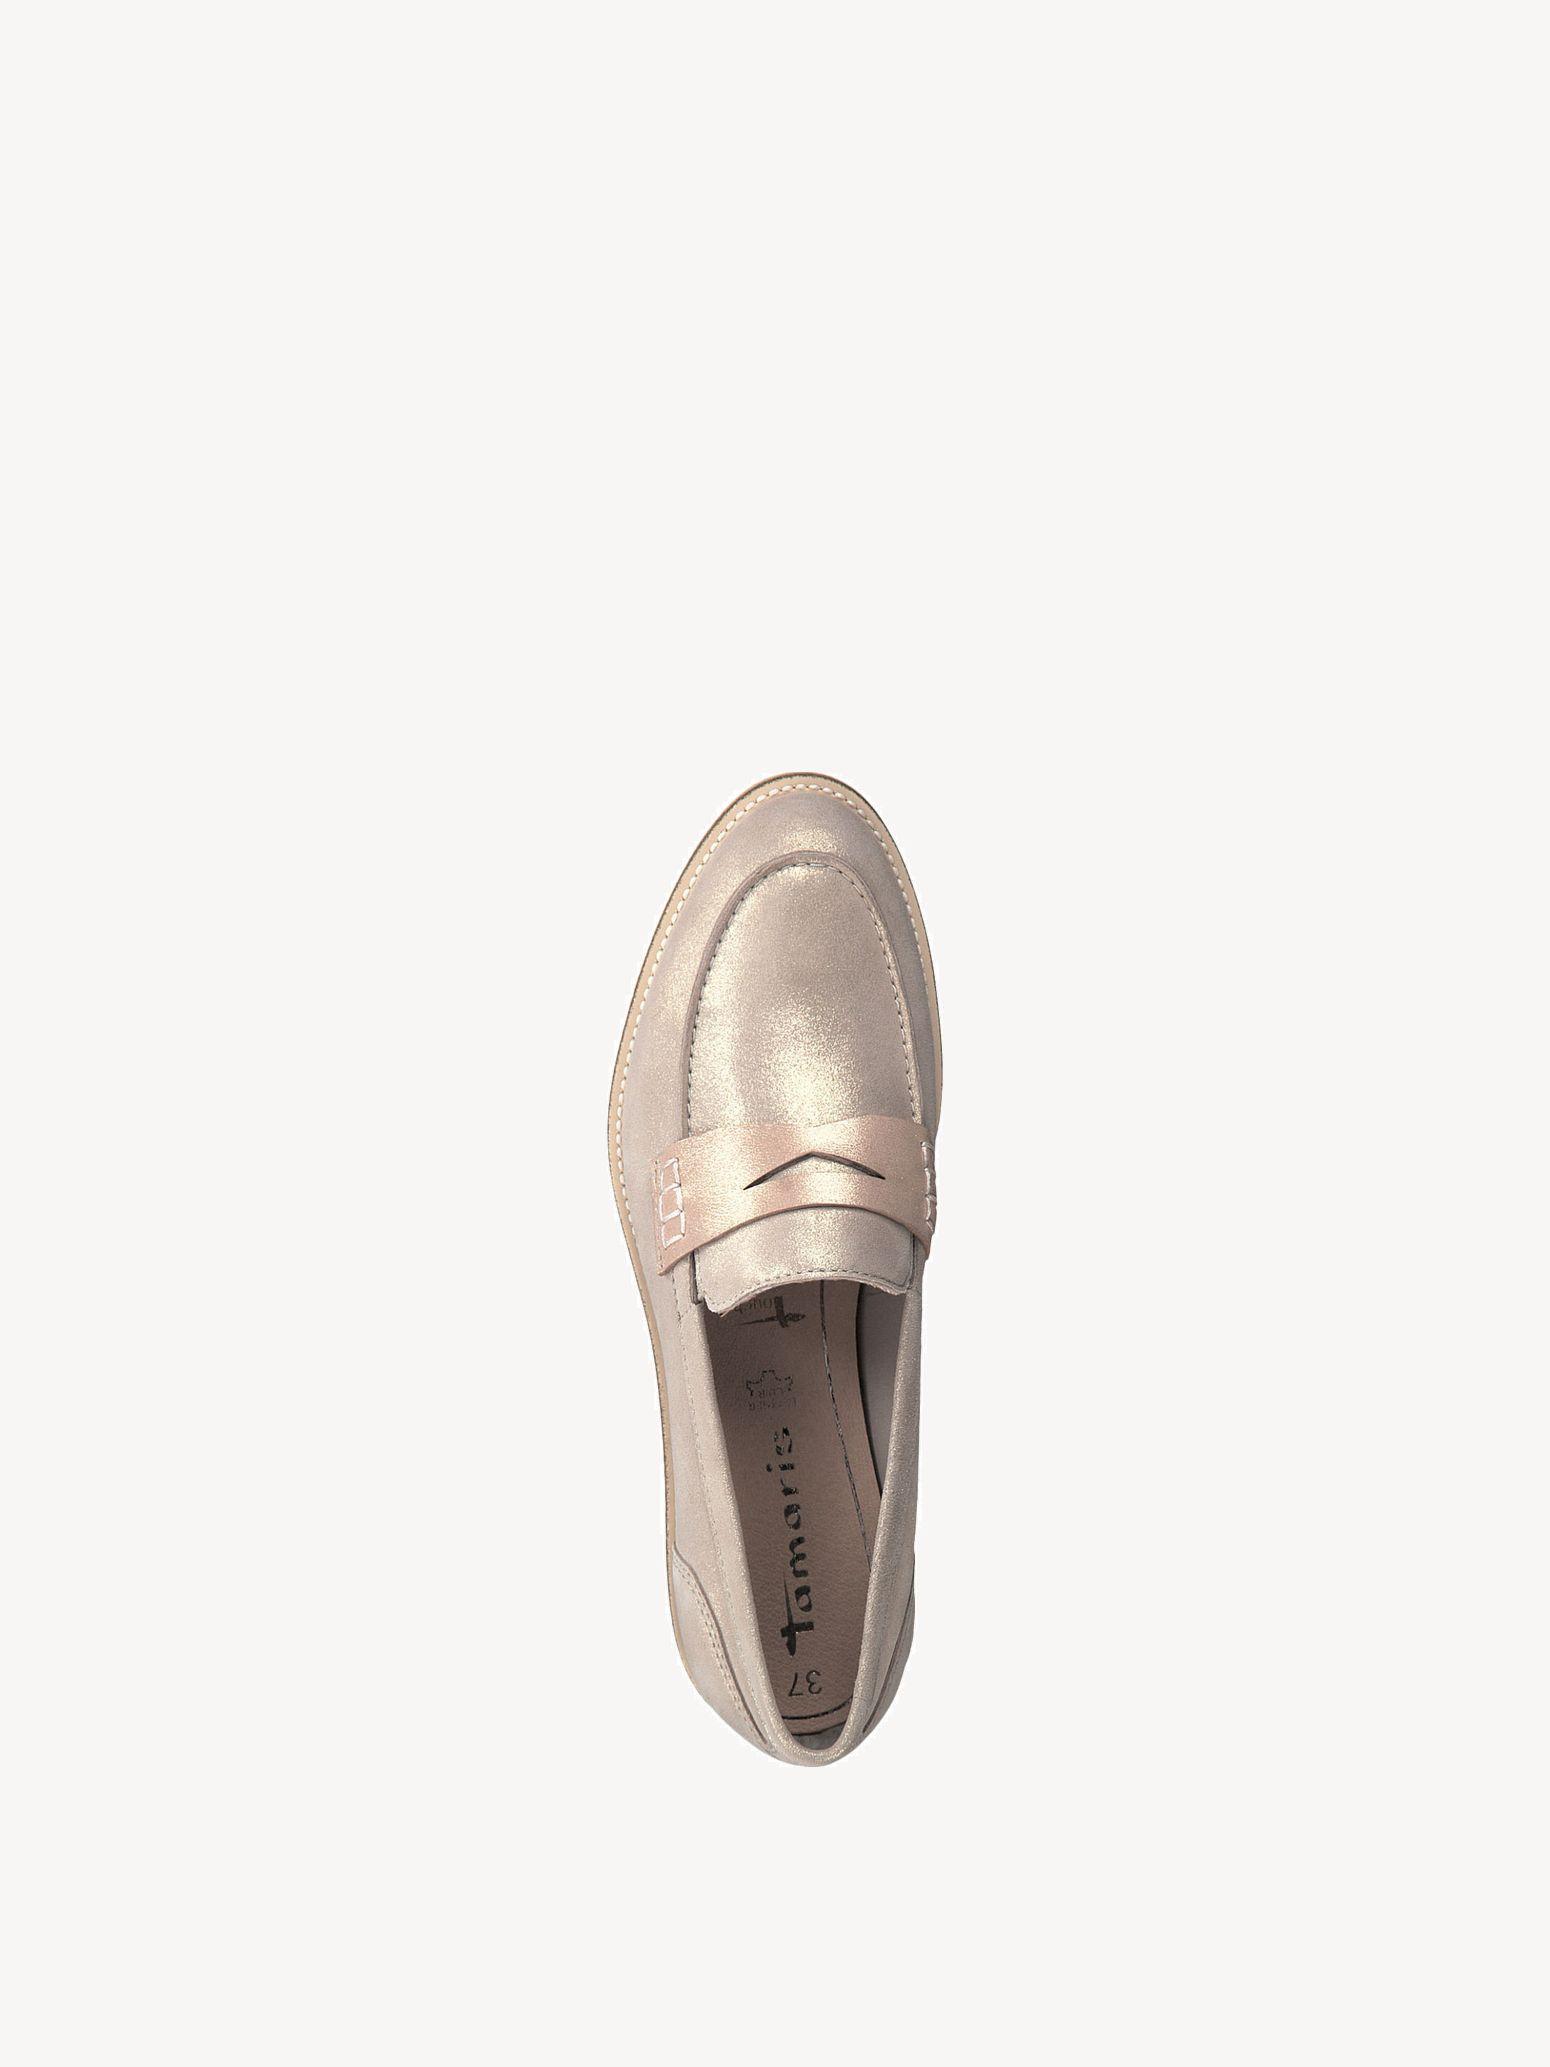 24303 Online Slipper 1 Kaufen Lederslipper 1 22Tamaris 5ARjL4